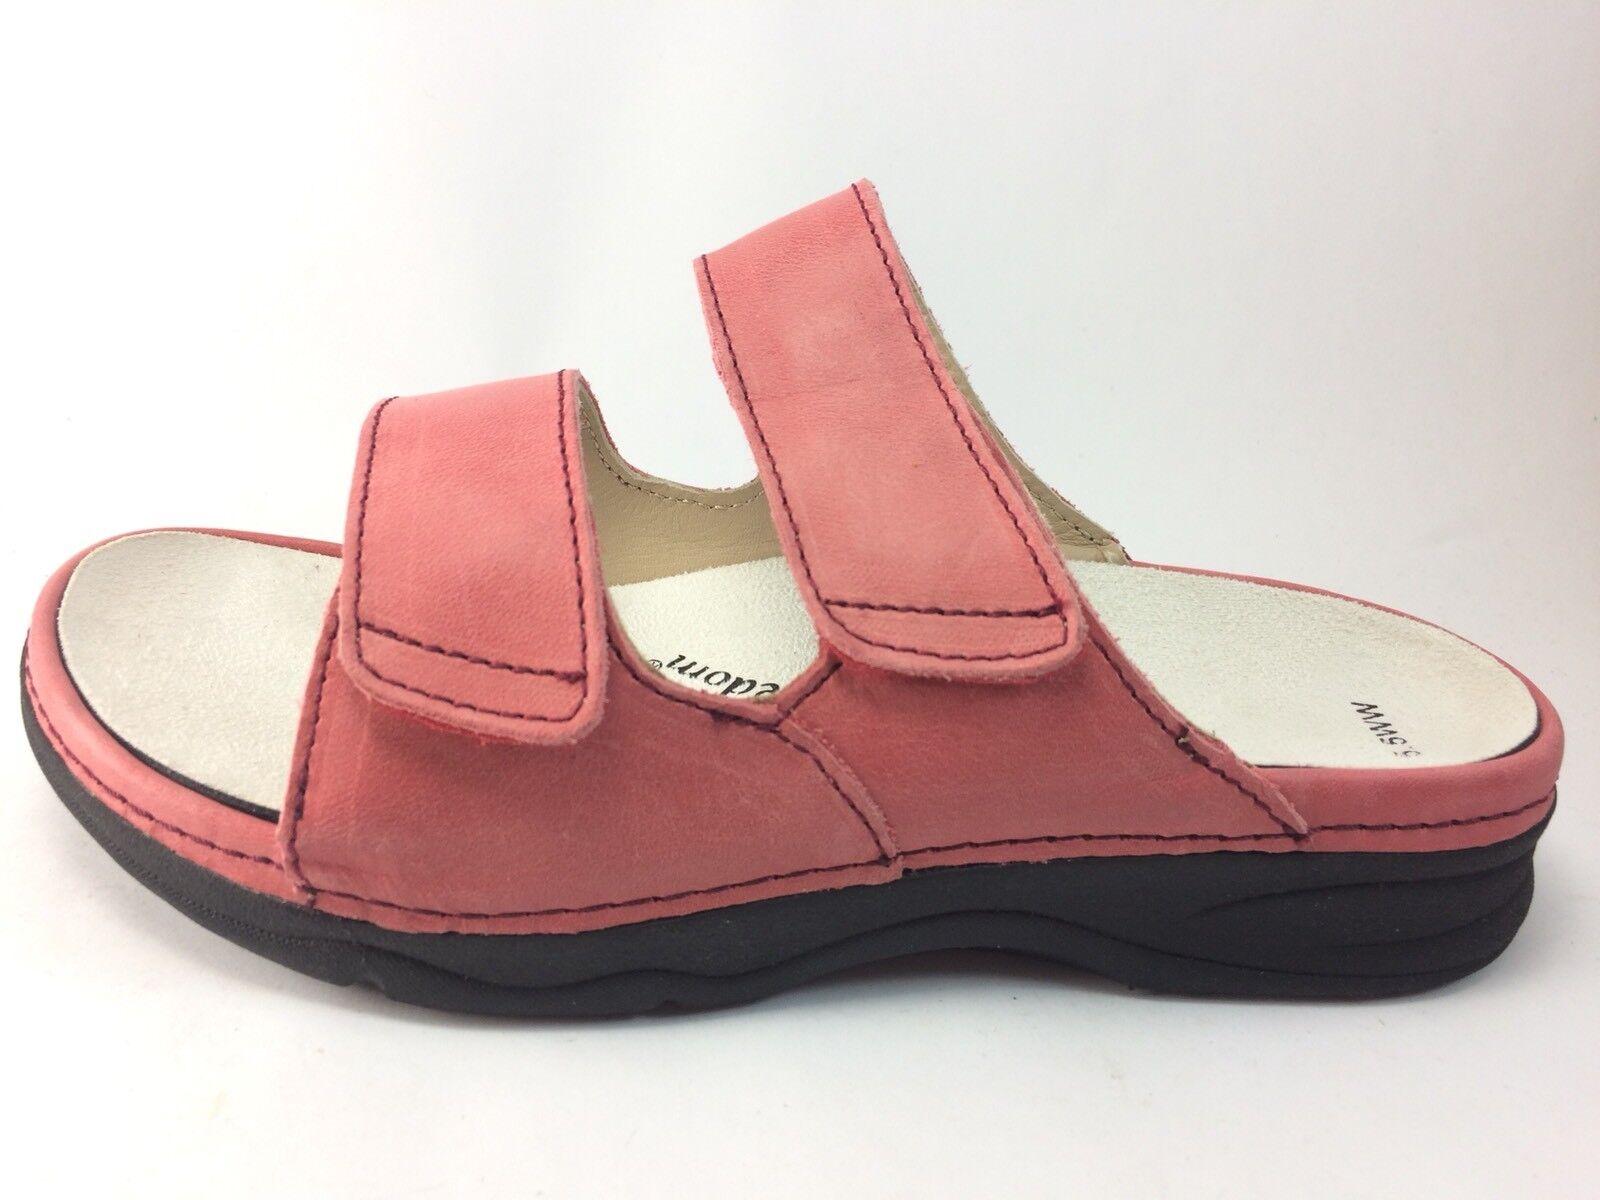 Drew Zapato Mujer Sandalia De Milán Talla 5.5 WW